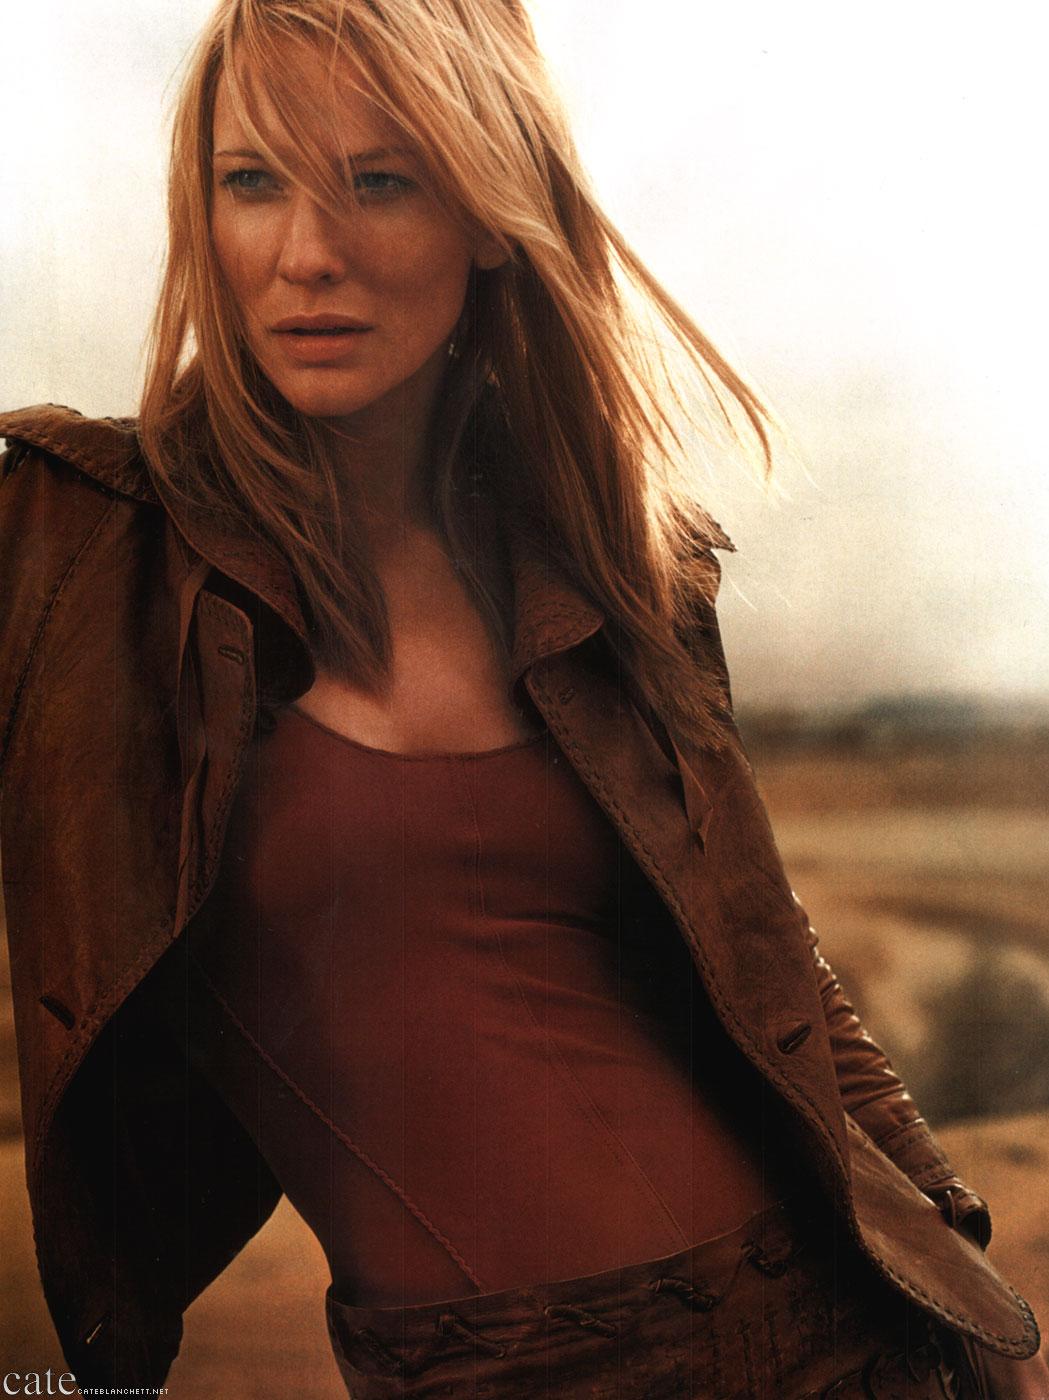 Cate Blanchett - Cate Blanchett Photo (226247) - Fanpop Cate Blanchett